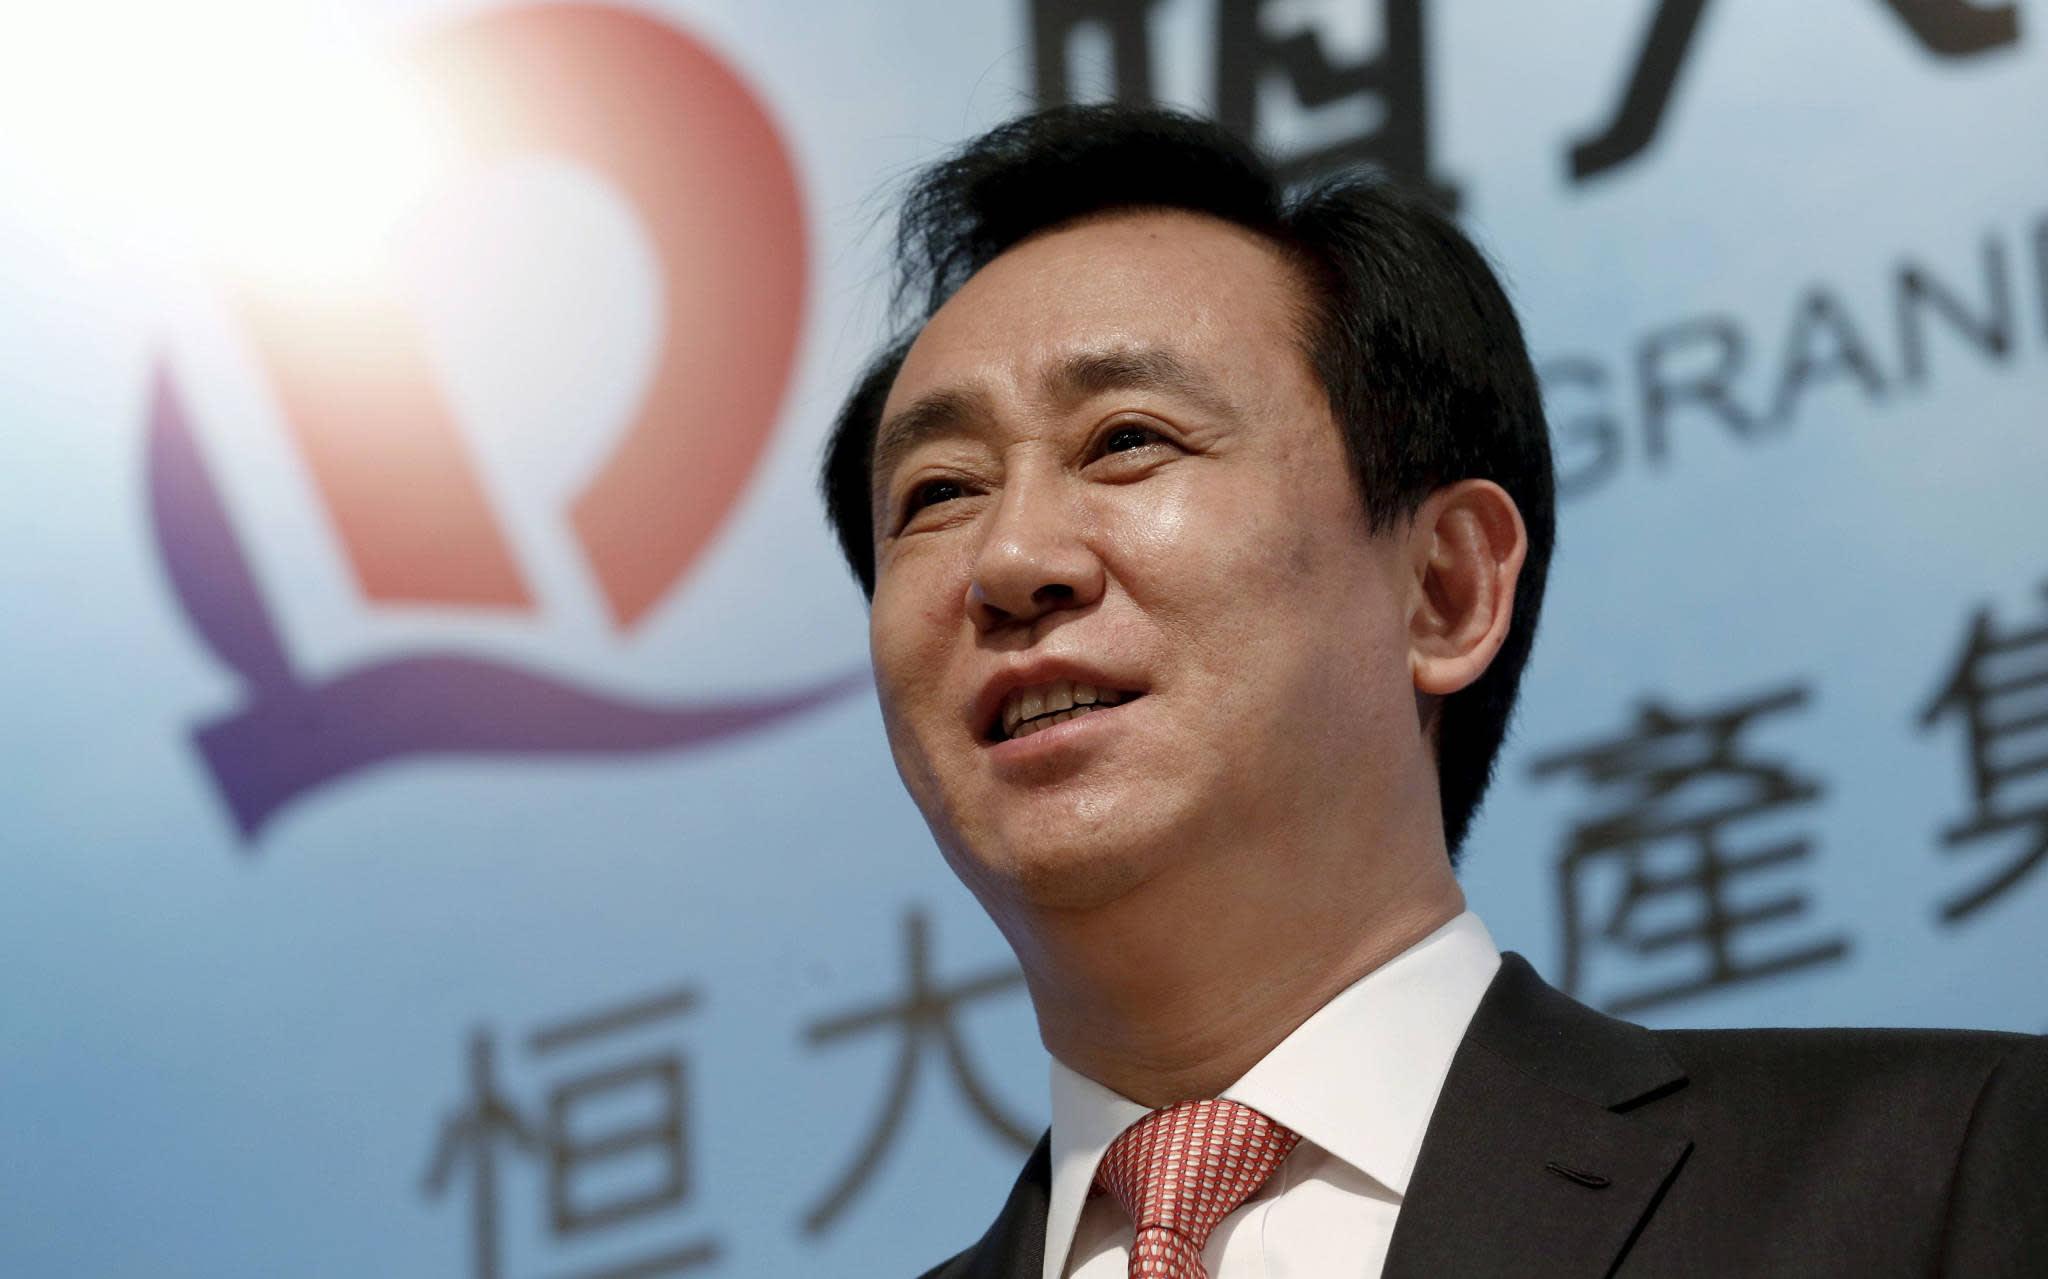 10 người giàu nhất trung quốc 2019 - 3 1573113766 - 10 người giàu nhất Trung Quốc 2019: Jack Ma dẫn đầu, 'tỷ phú thịt lợn' xếp thứ 9